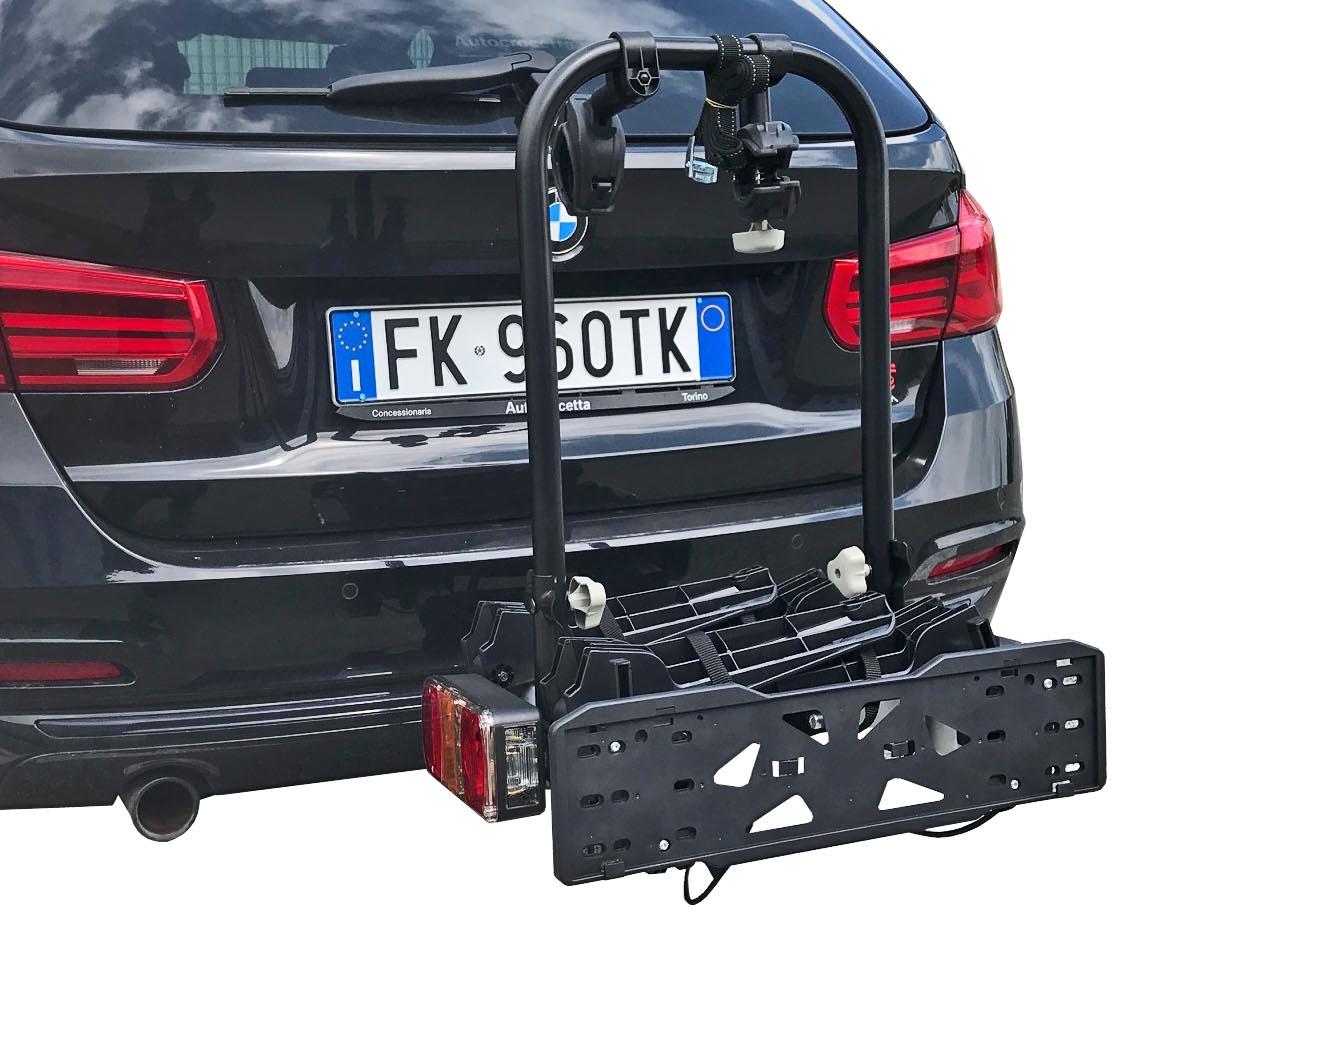 Fahrradträger GRV E-Bike Heckträger 3 Räder AHK Fahrradheckträger Fahrrad Träger